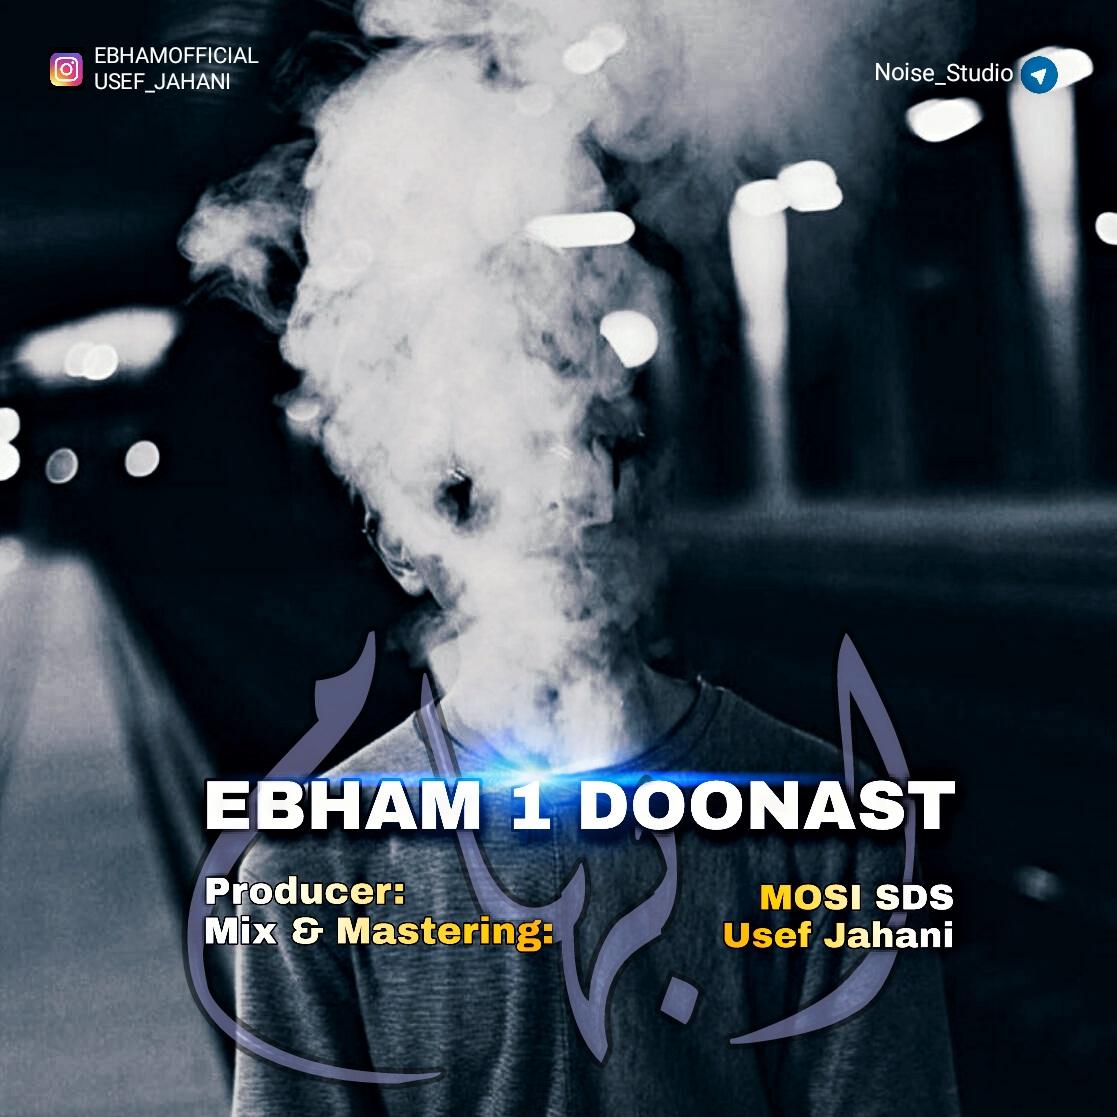 Ebham - Ebham Yedunast